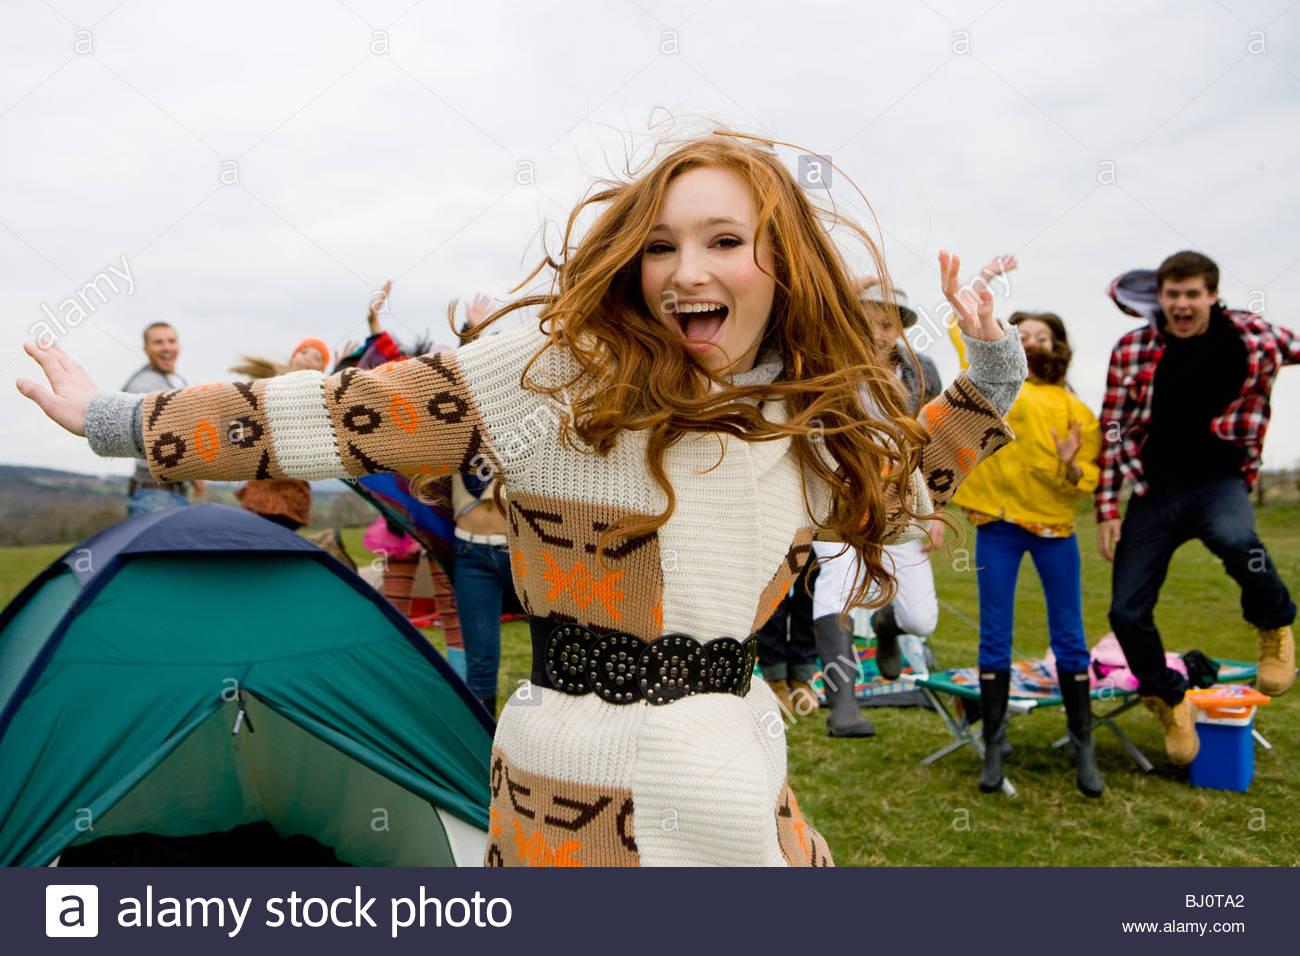 Emocionado amigos camping y asistir al festival al aire libre Imagen De Stock